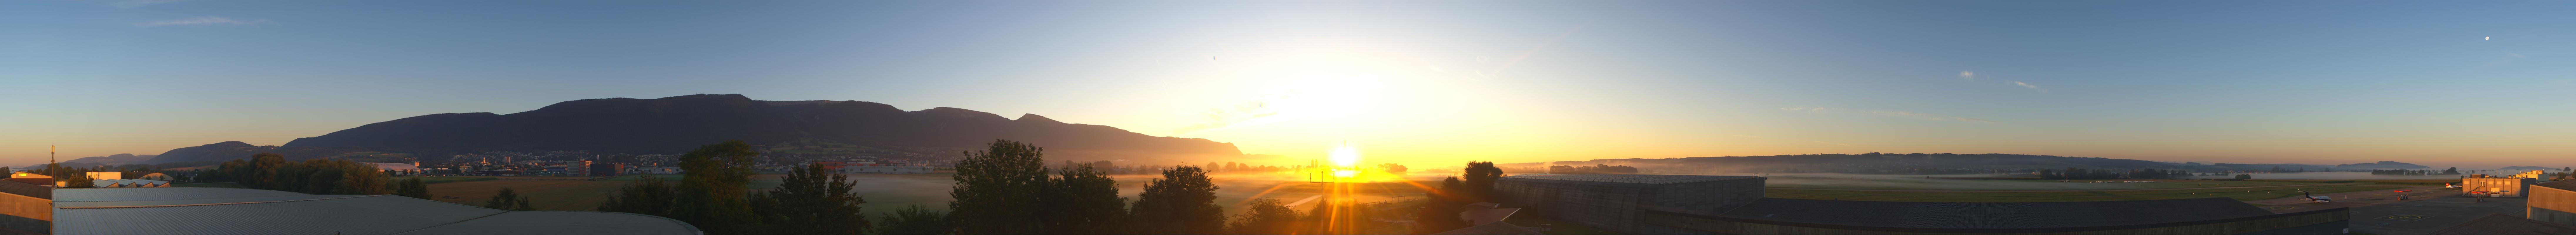 14h ago - 06:34